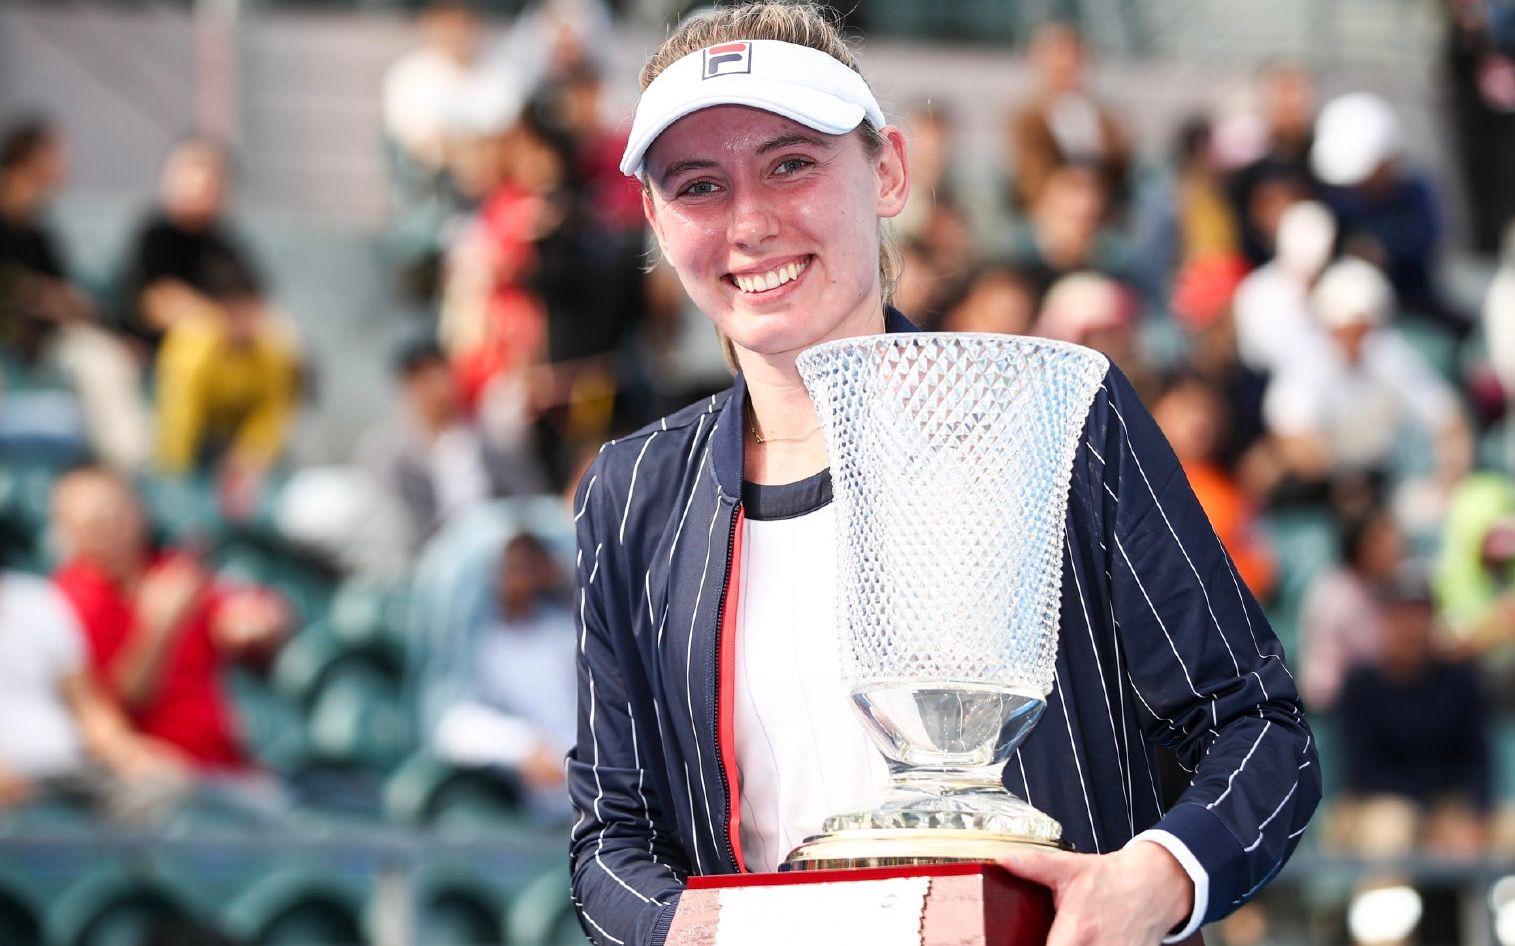 俄罗斯美女亚历山德洛娃拿下WTA赛季首冠图片